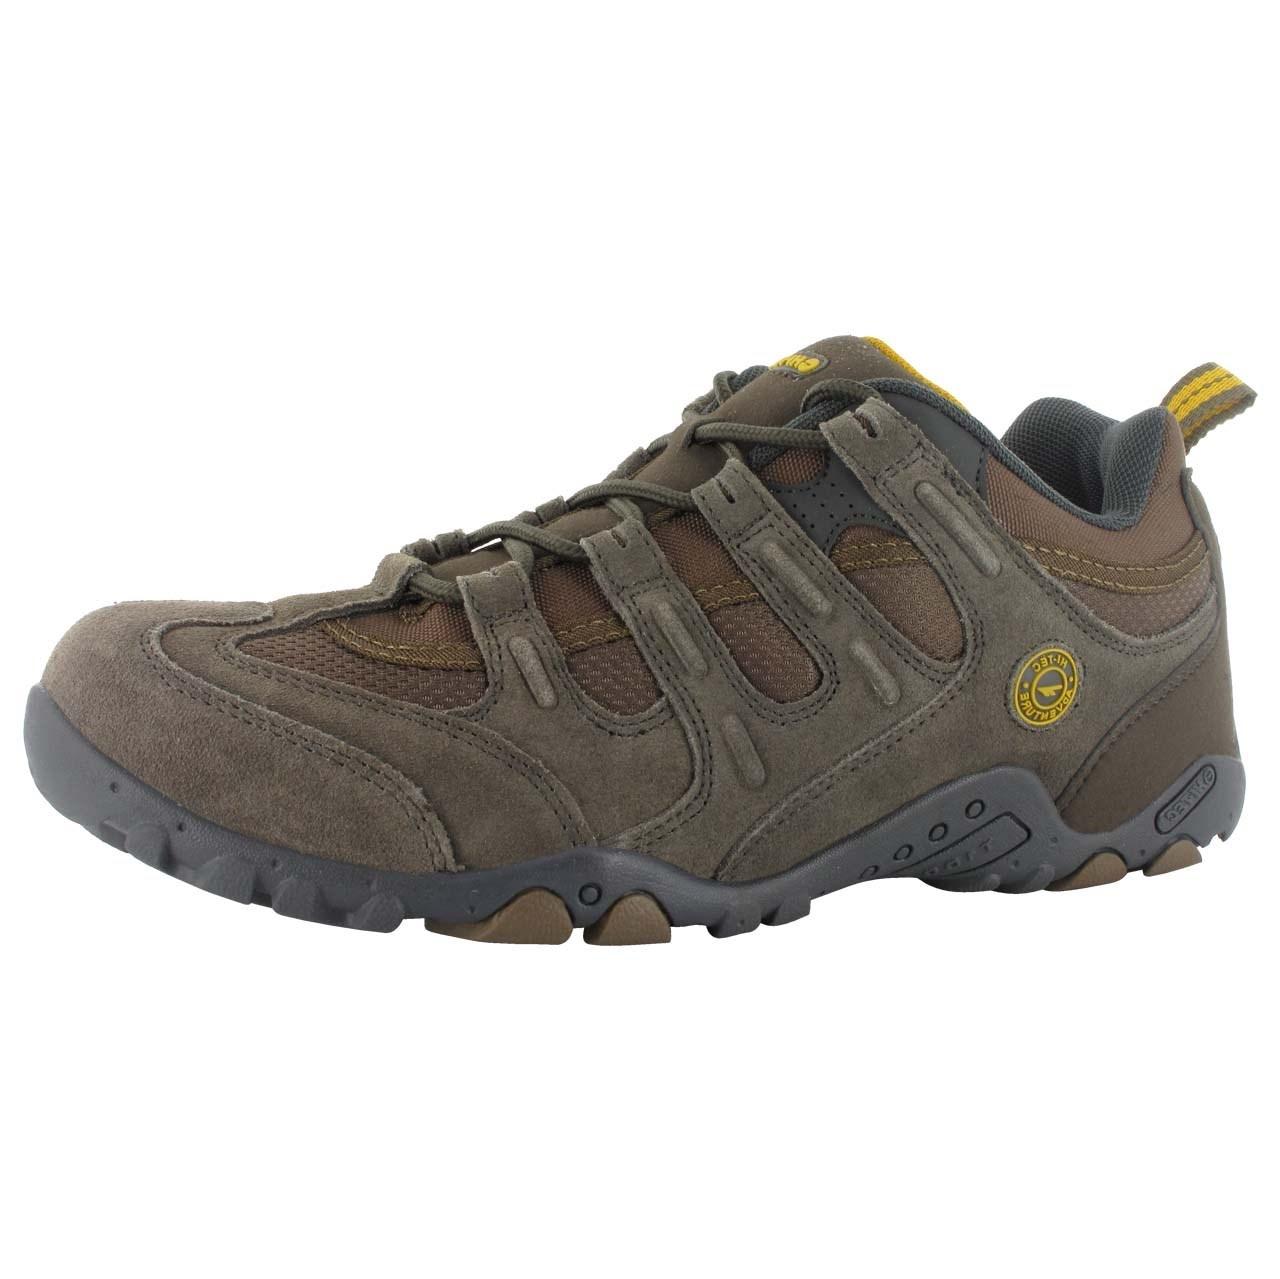 کفش کوهنوردی مردانه های تک مدل Quadra